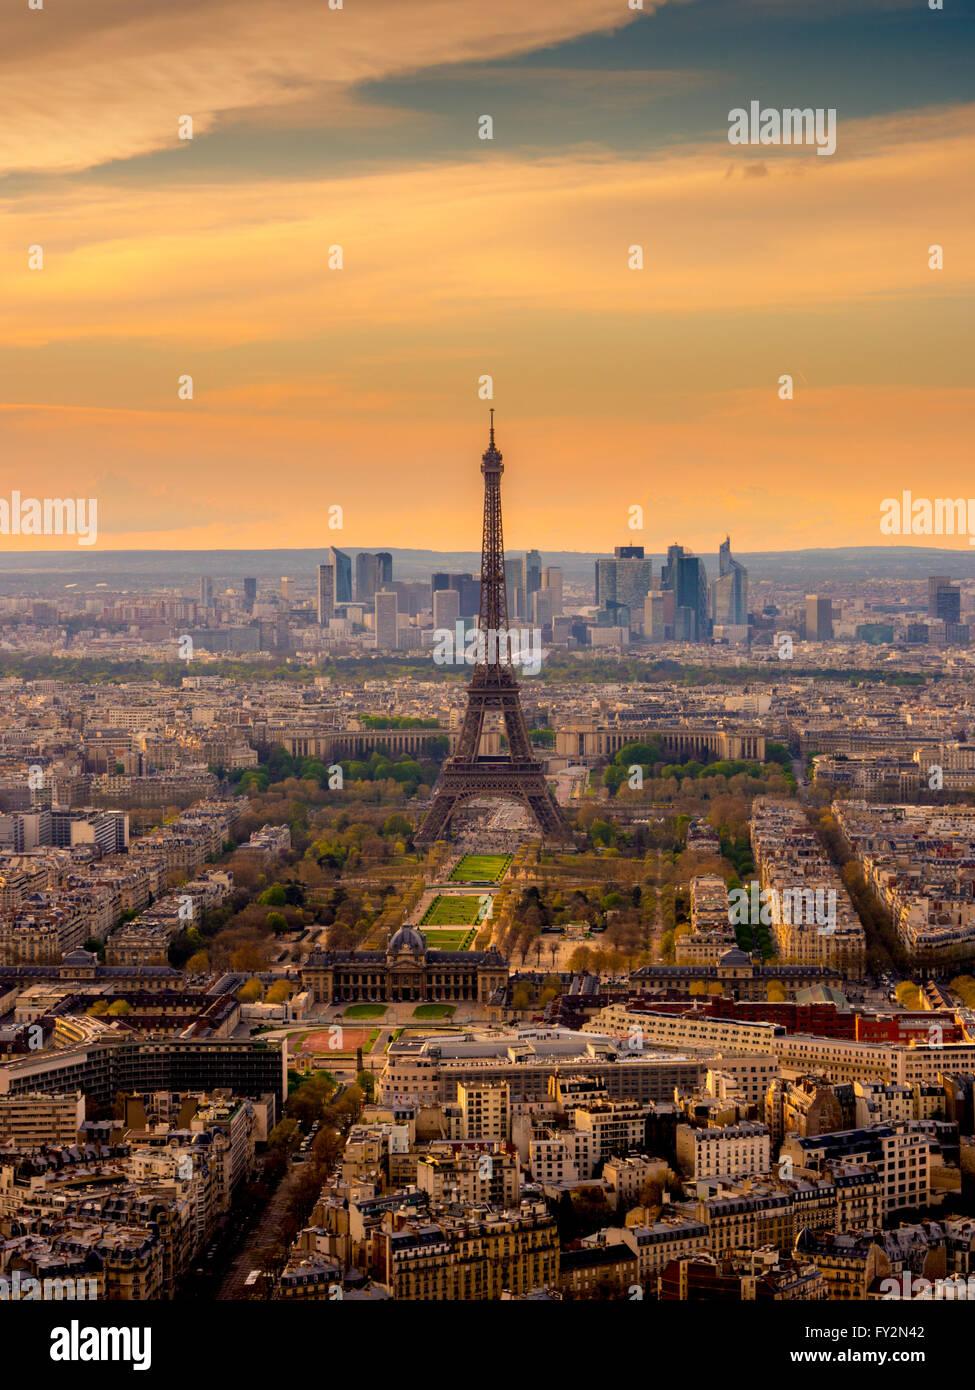 Atardecer en París con la Torre Eiffel, en París, Francia Imagen De Stock